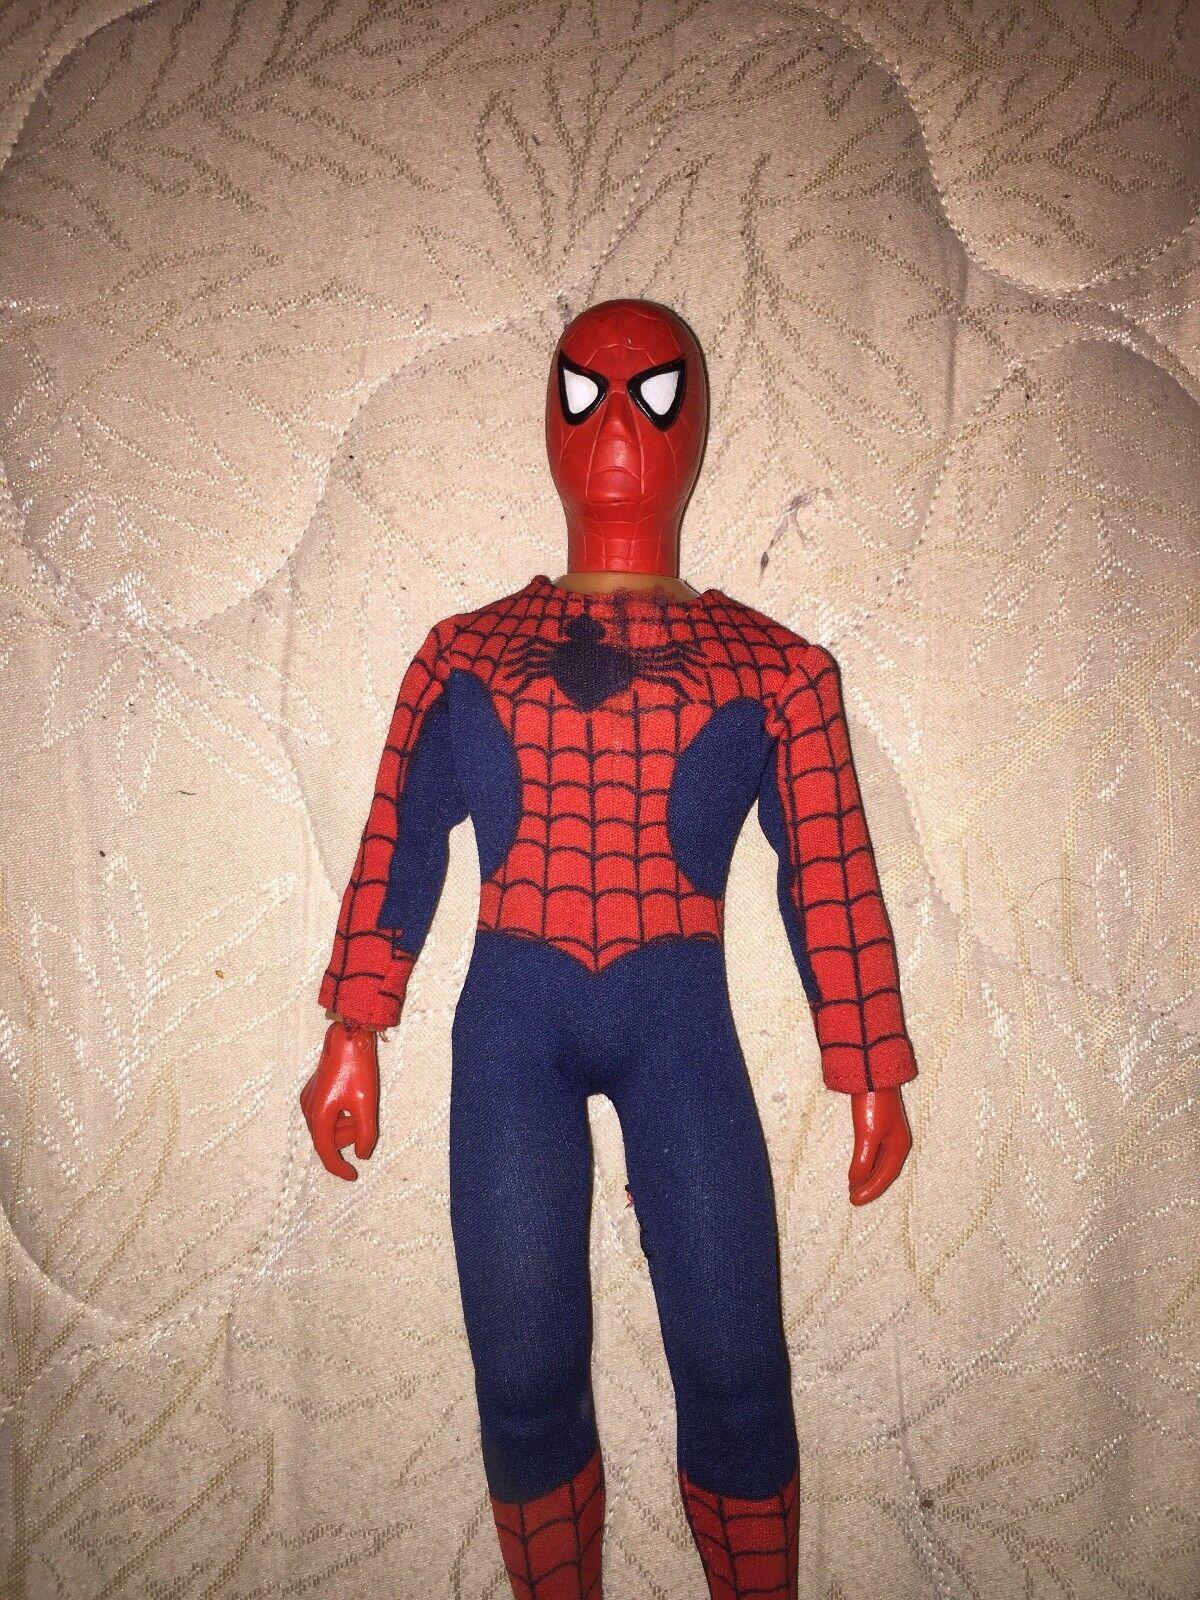 Mego amazing spider - man.